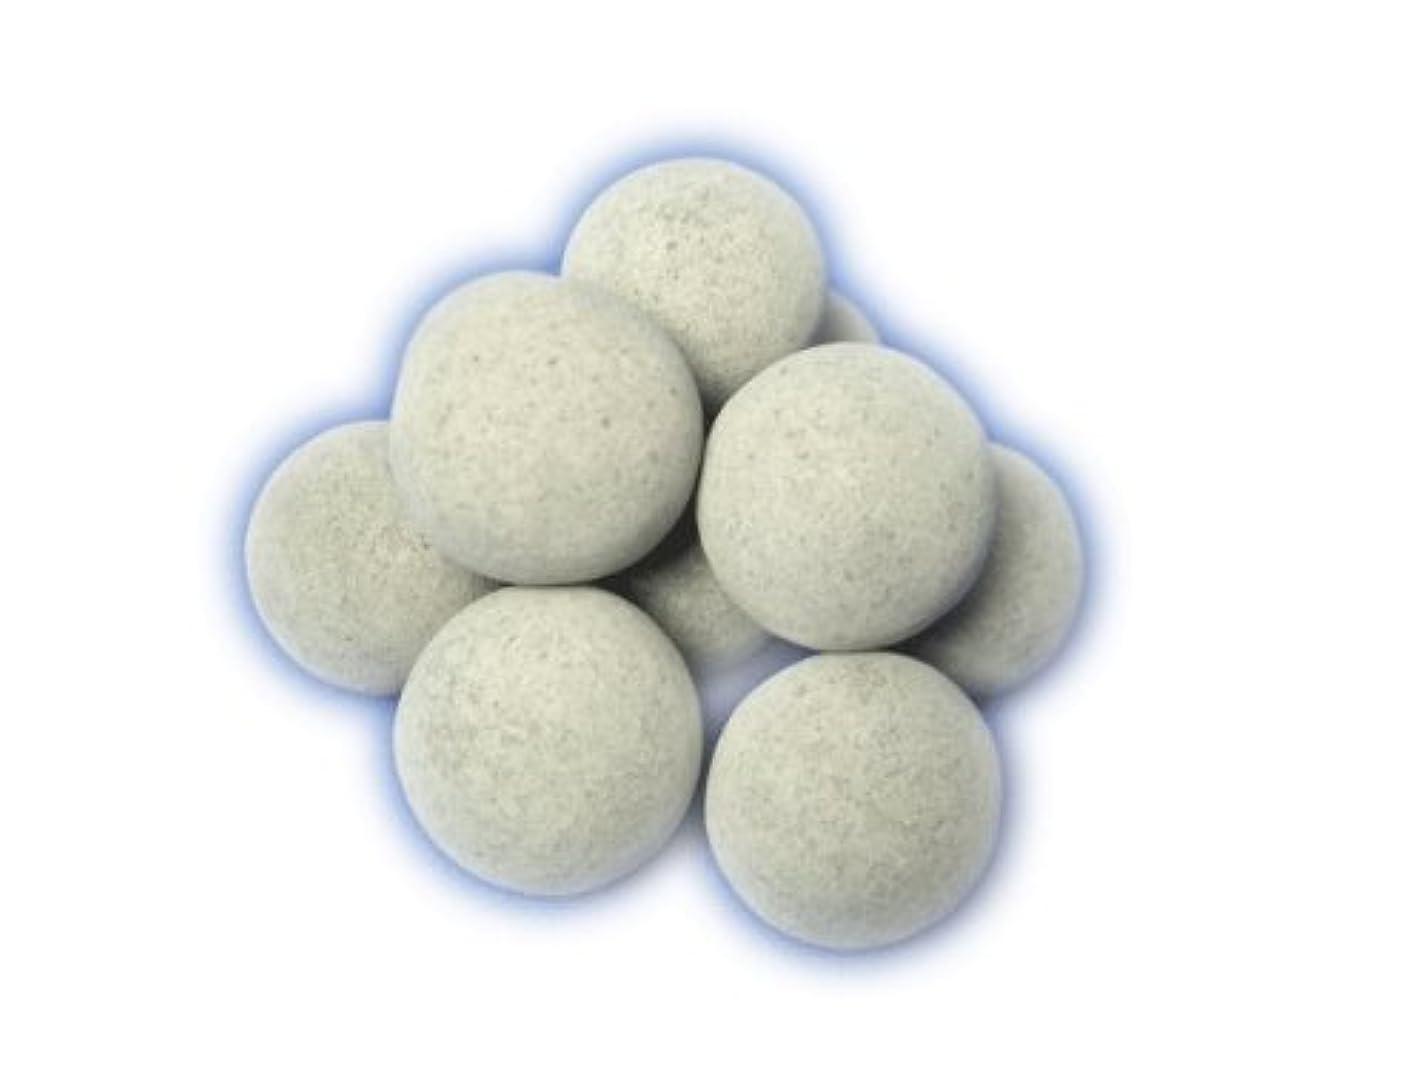 オセアニアウォルターカニンガムシンプルさ有機ゲルマニウムセラミックボール(20mm)200g